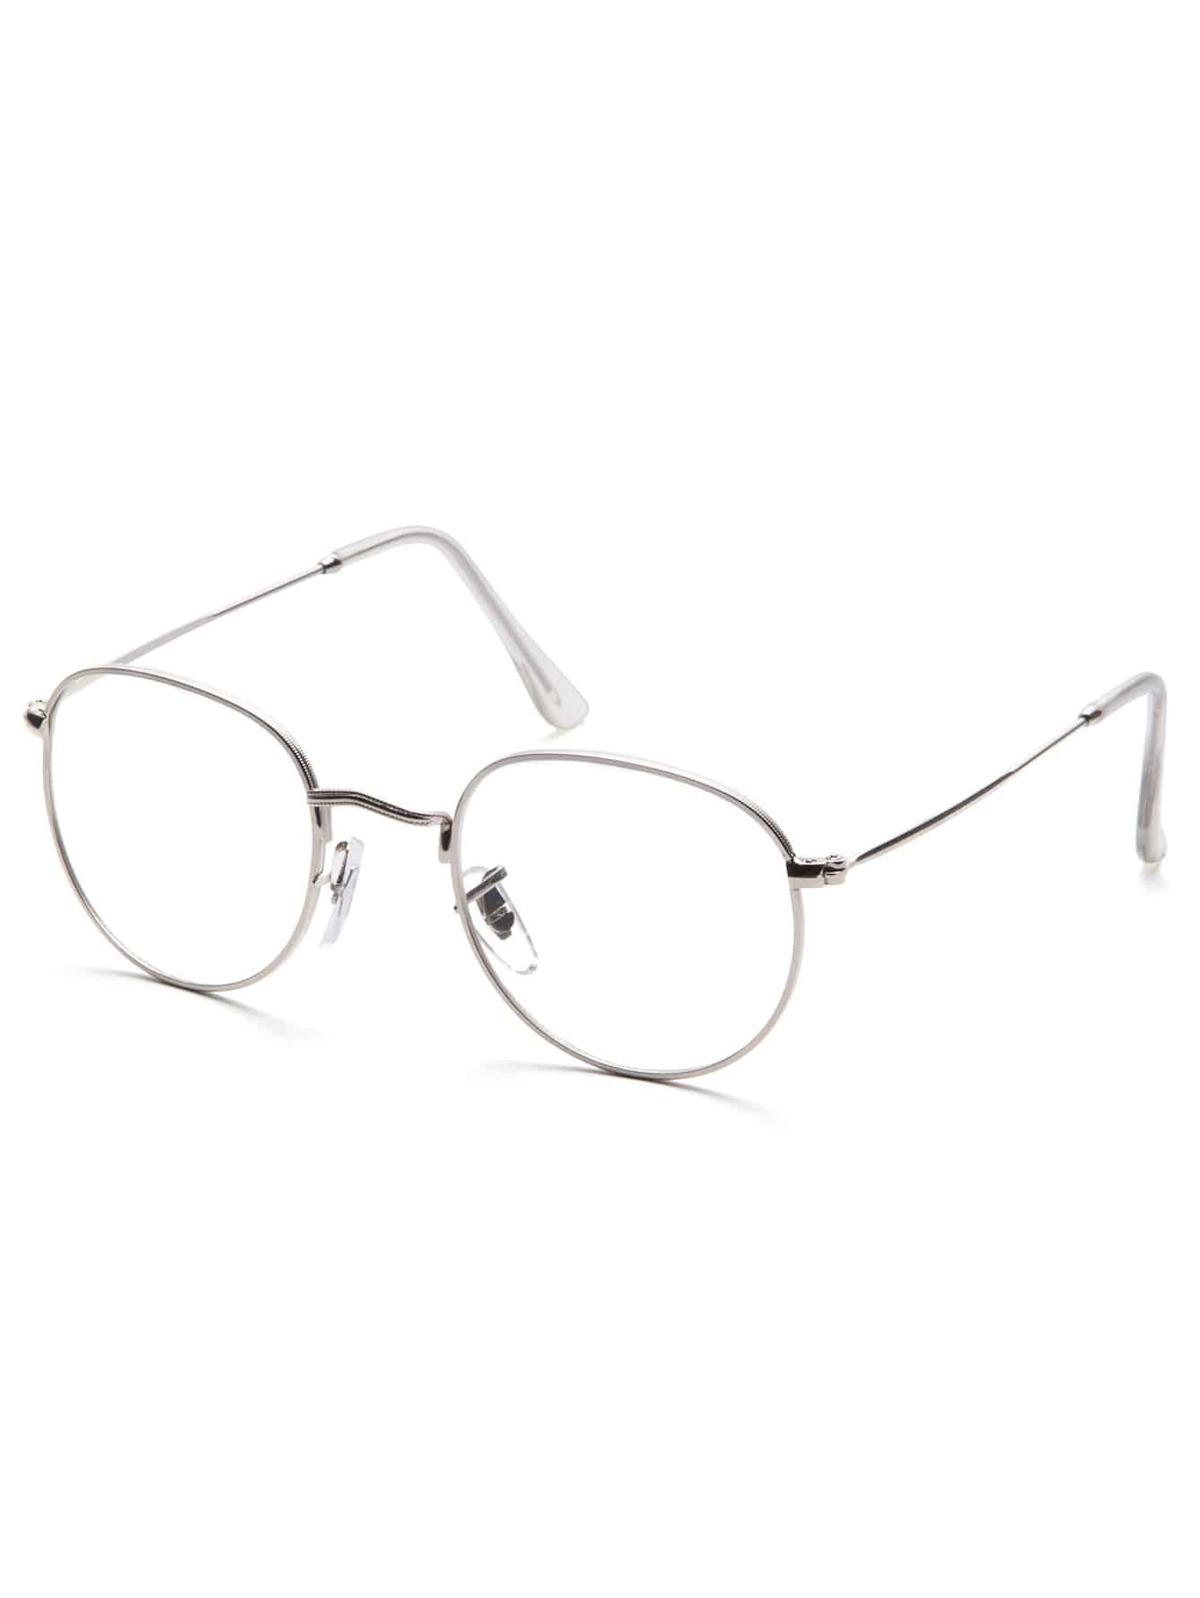 銀色 框 透明鏡片 眼鏡